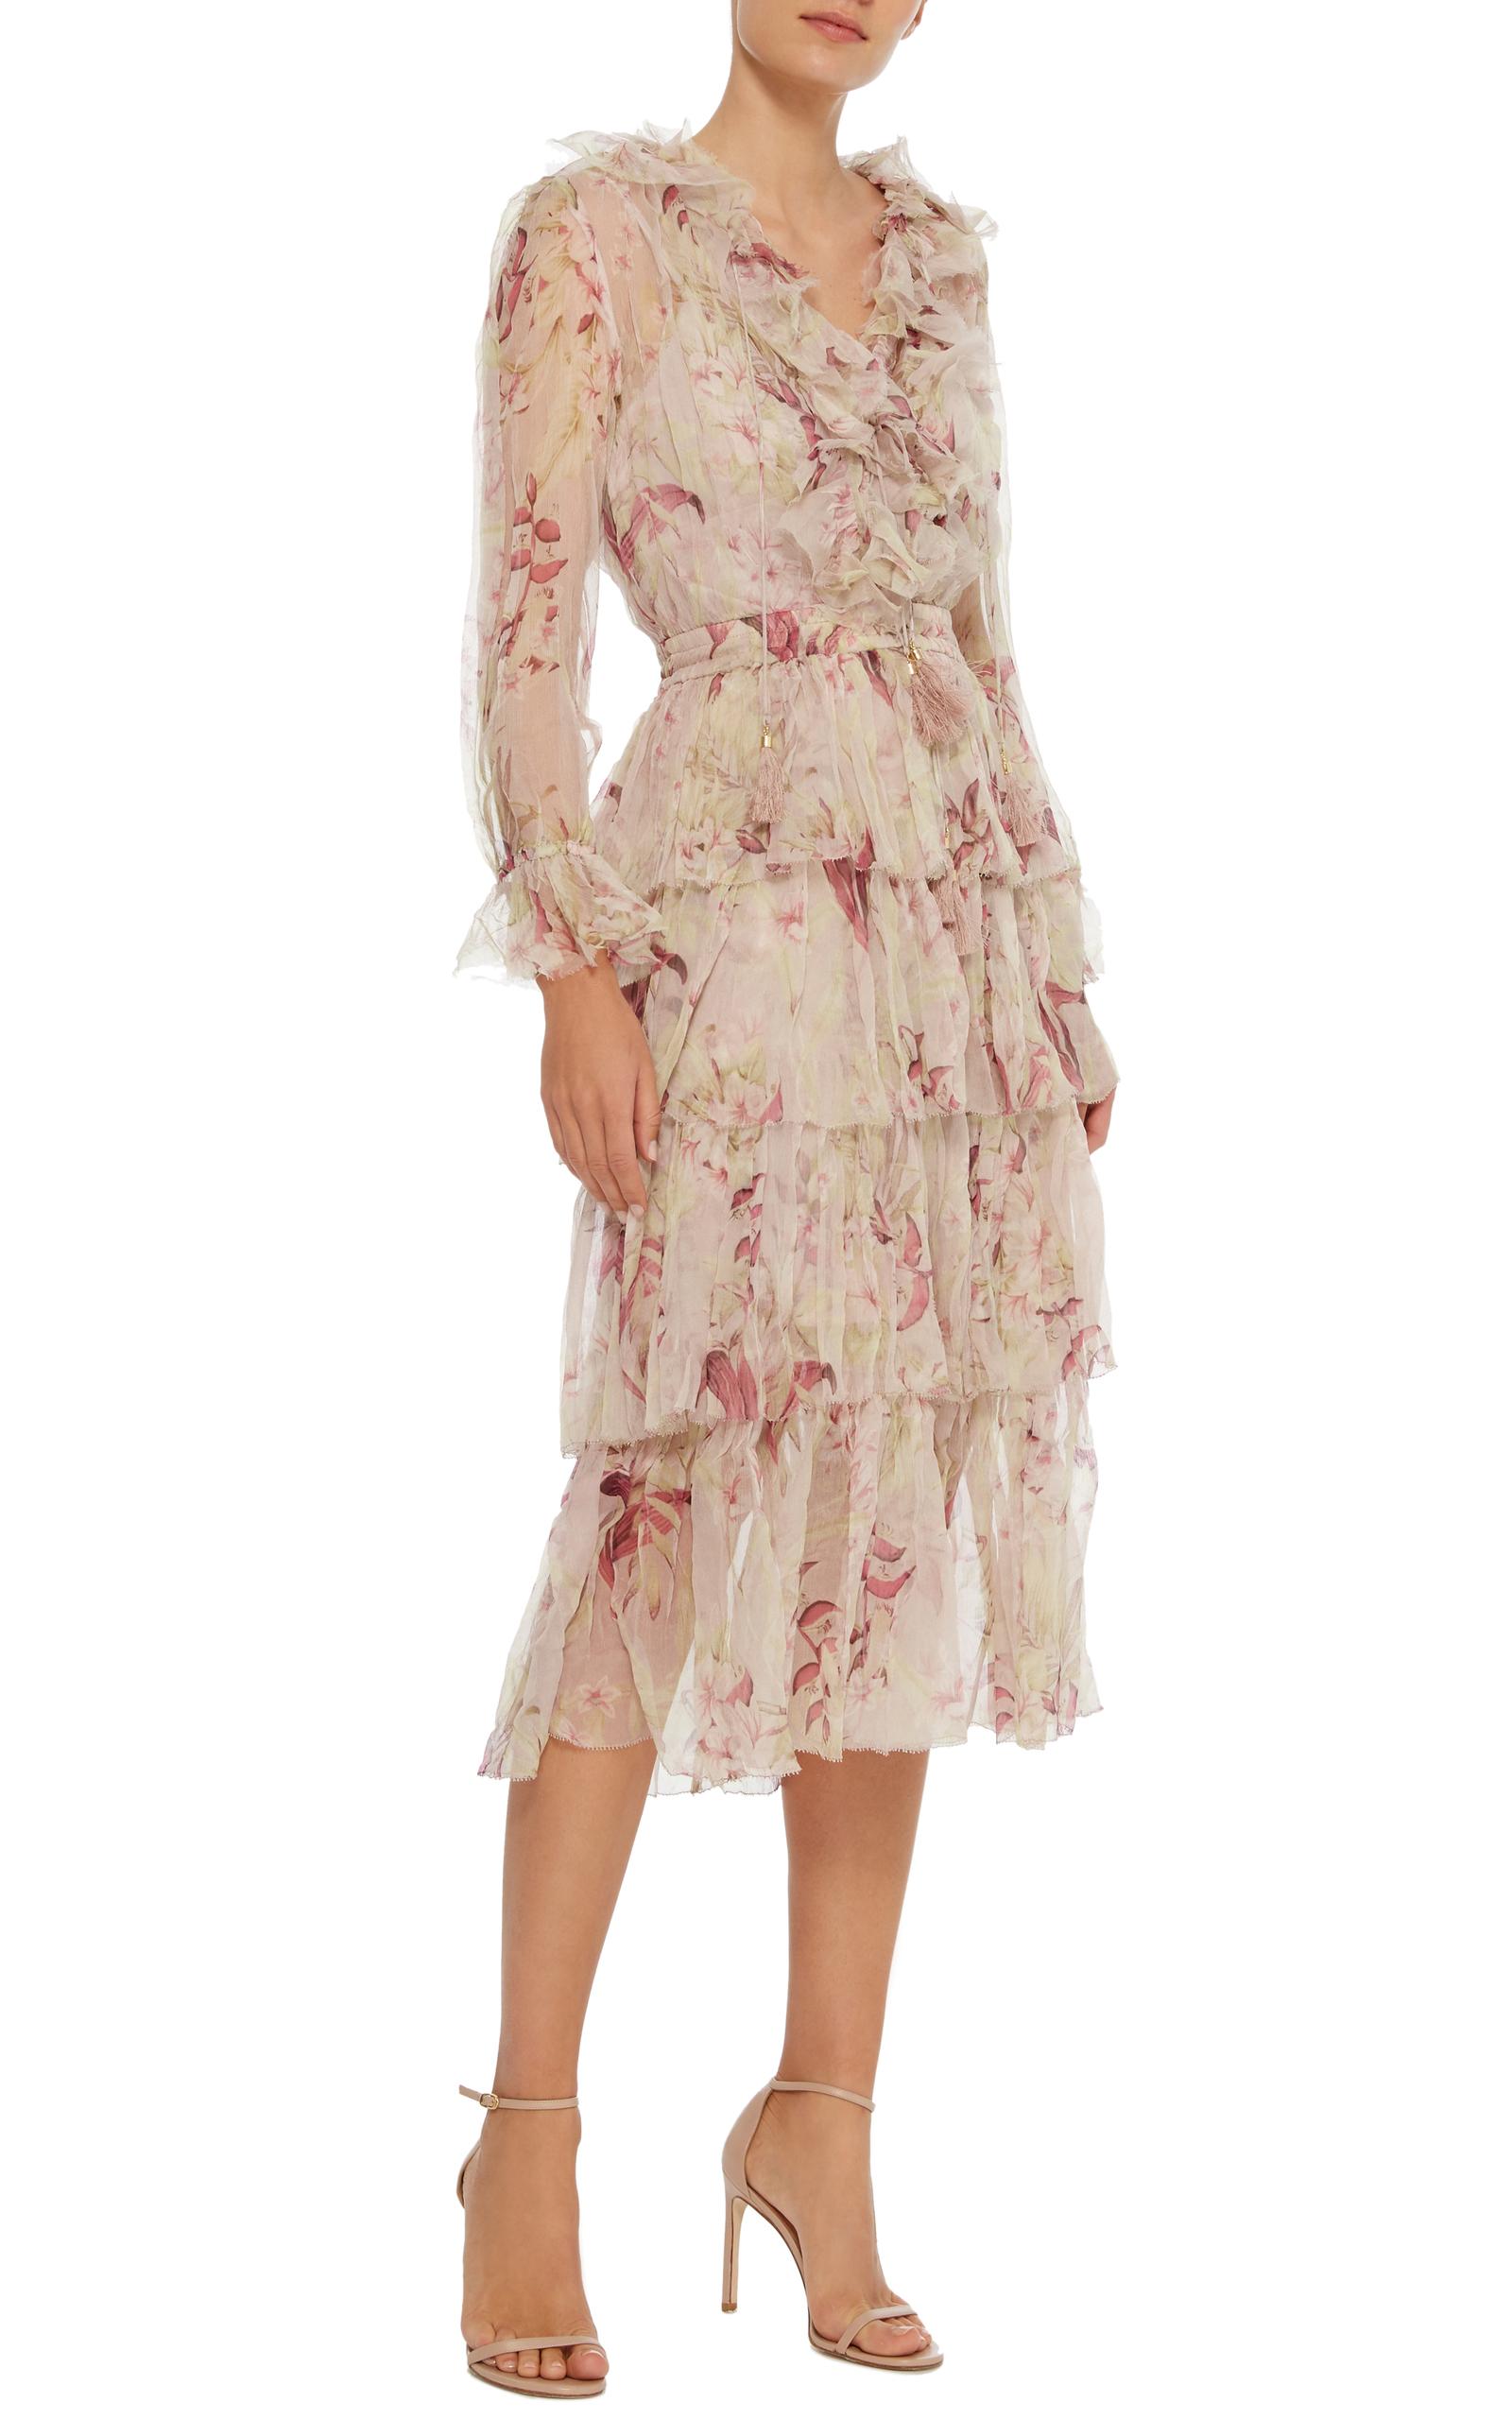 62e7a0ff35597 ZimmermannWinsome Ruffled Midi Dress. CLOSE. Loading